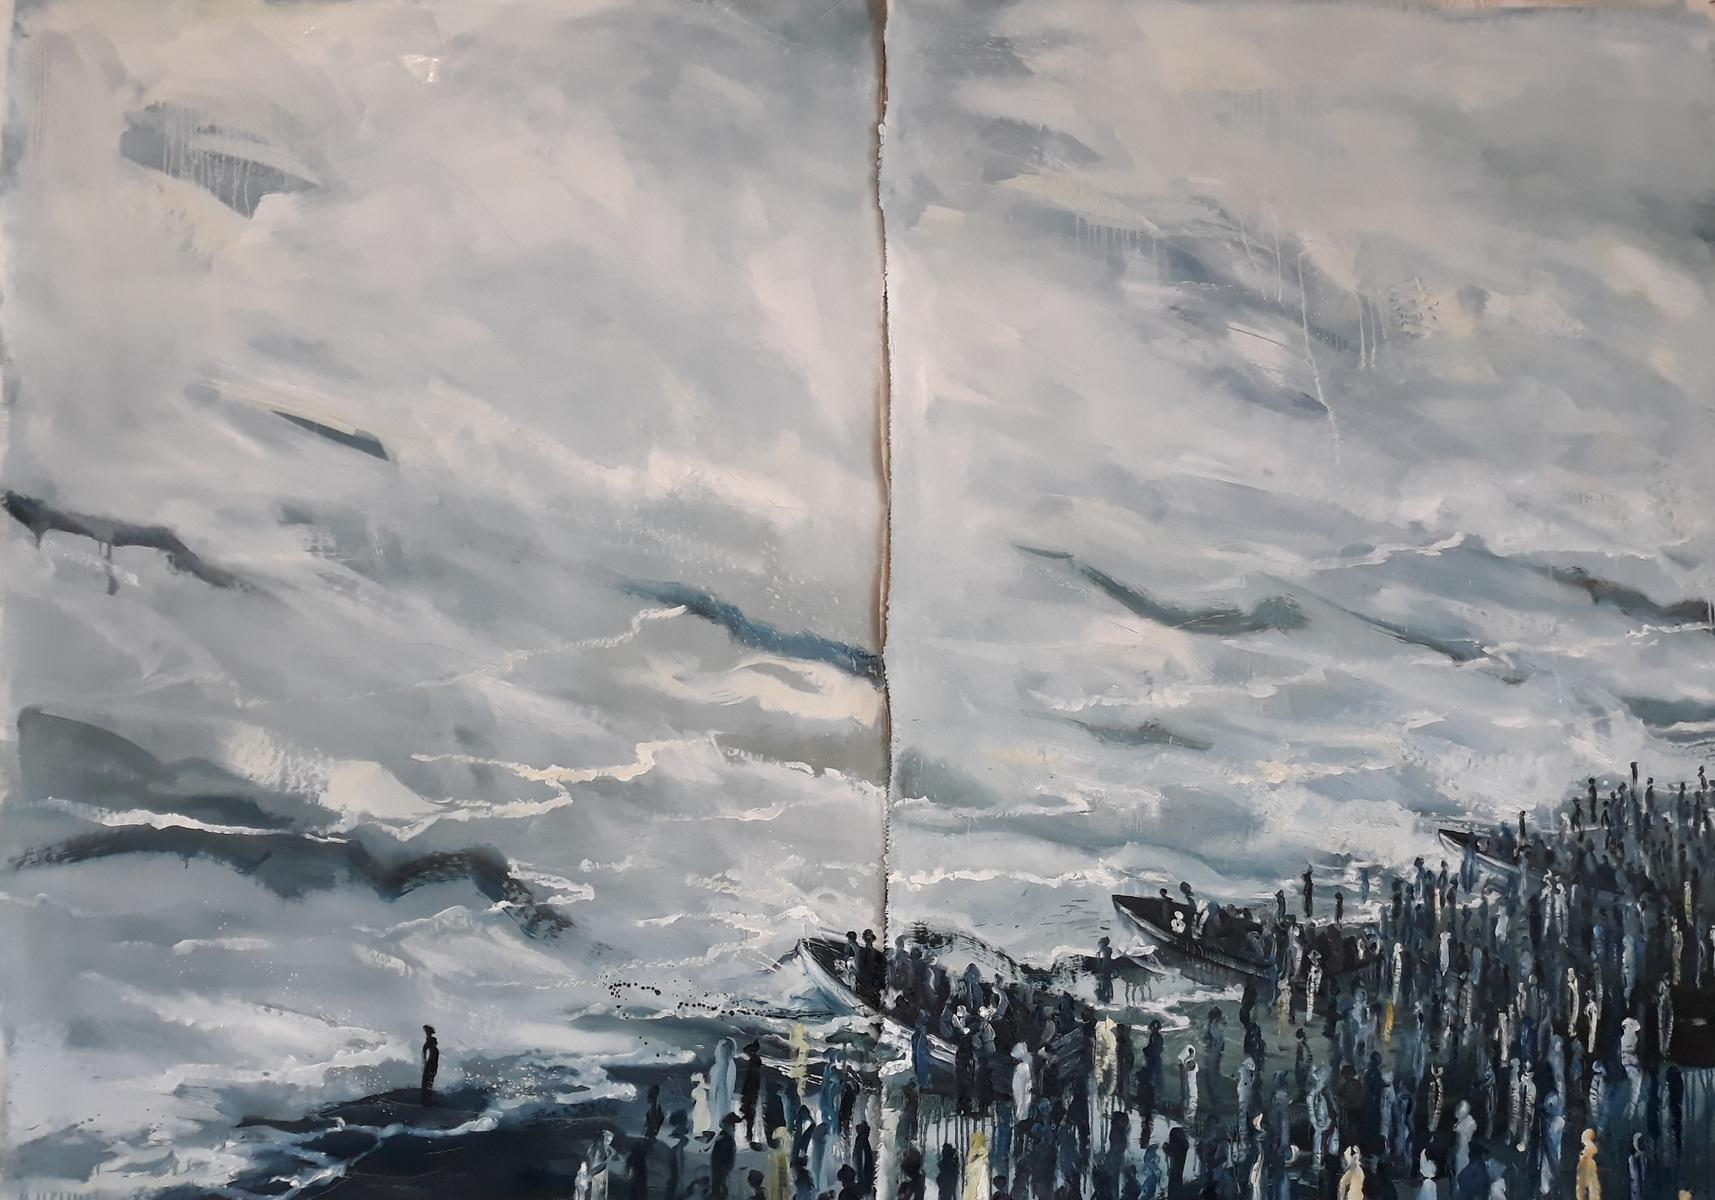 Martina Dalla Stella - Lumano viaggio olio su tela, 170x120 cm, 2019